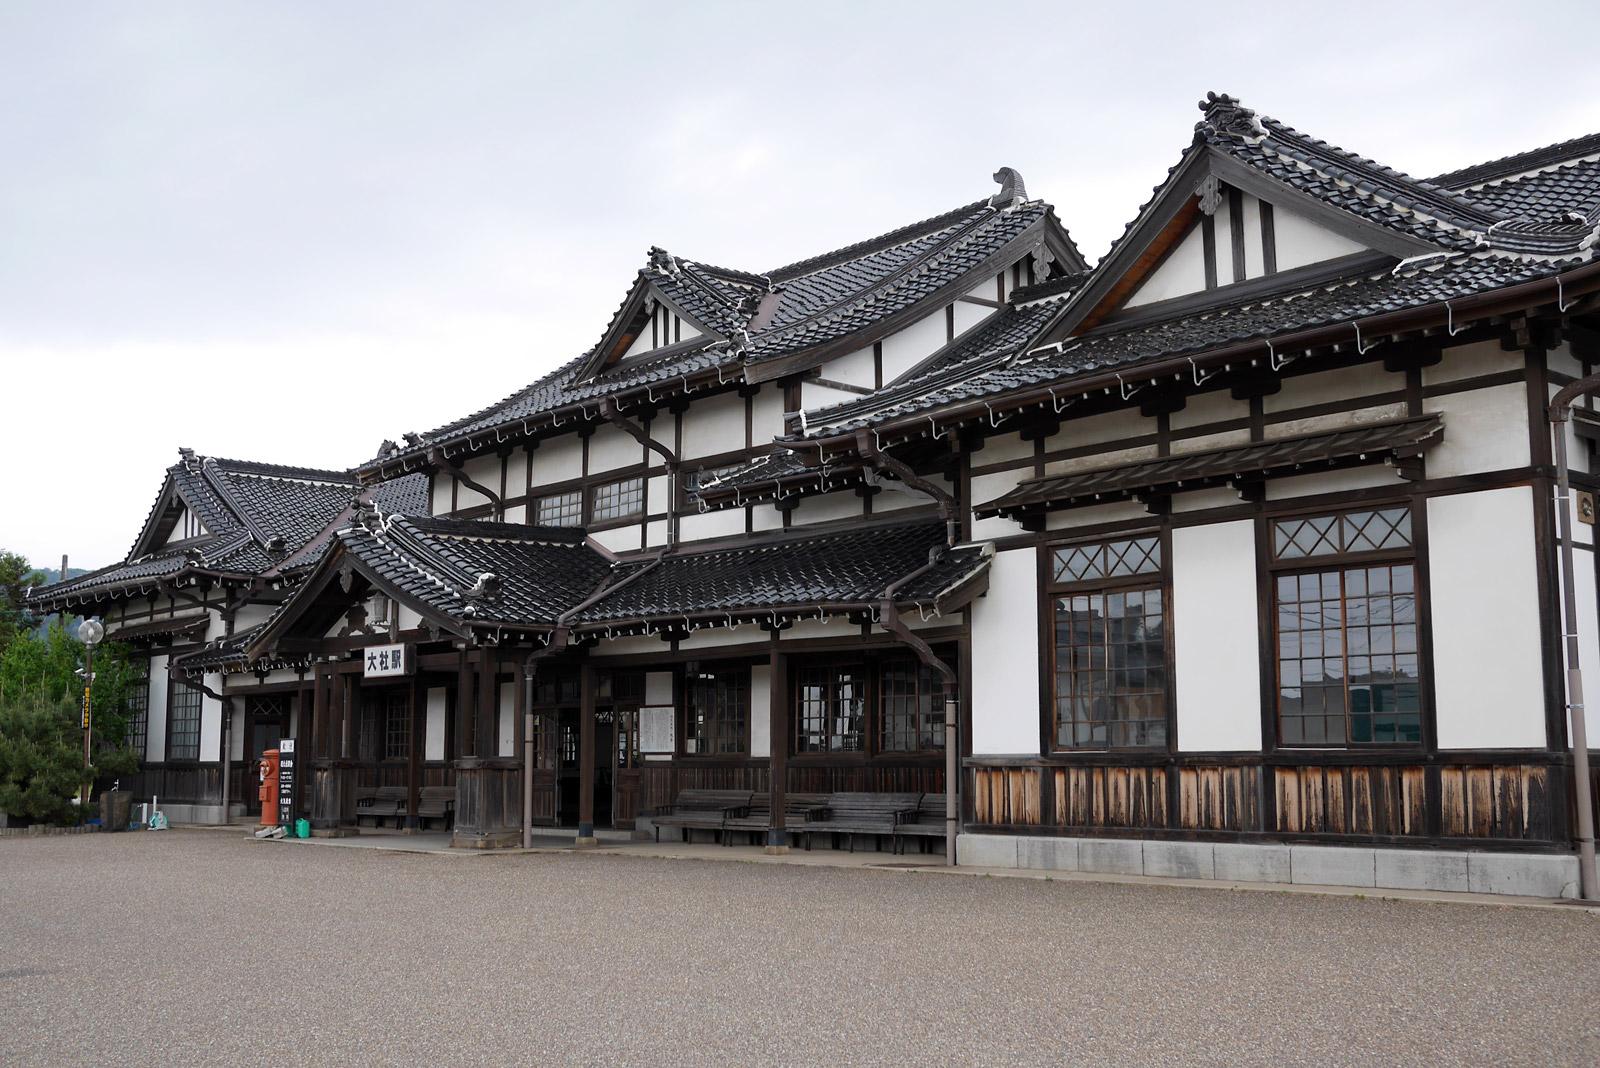 旧大社駅と出雲名物